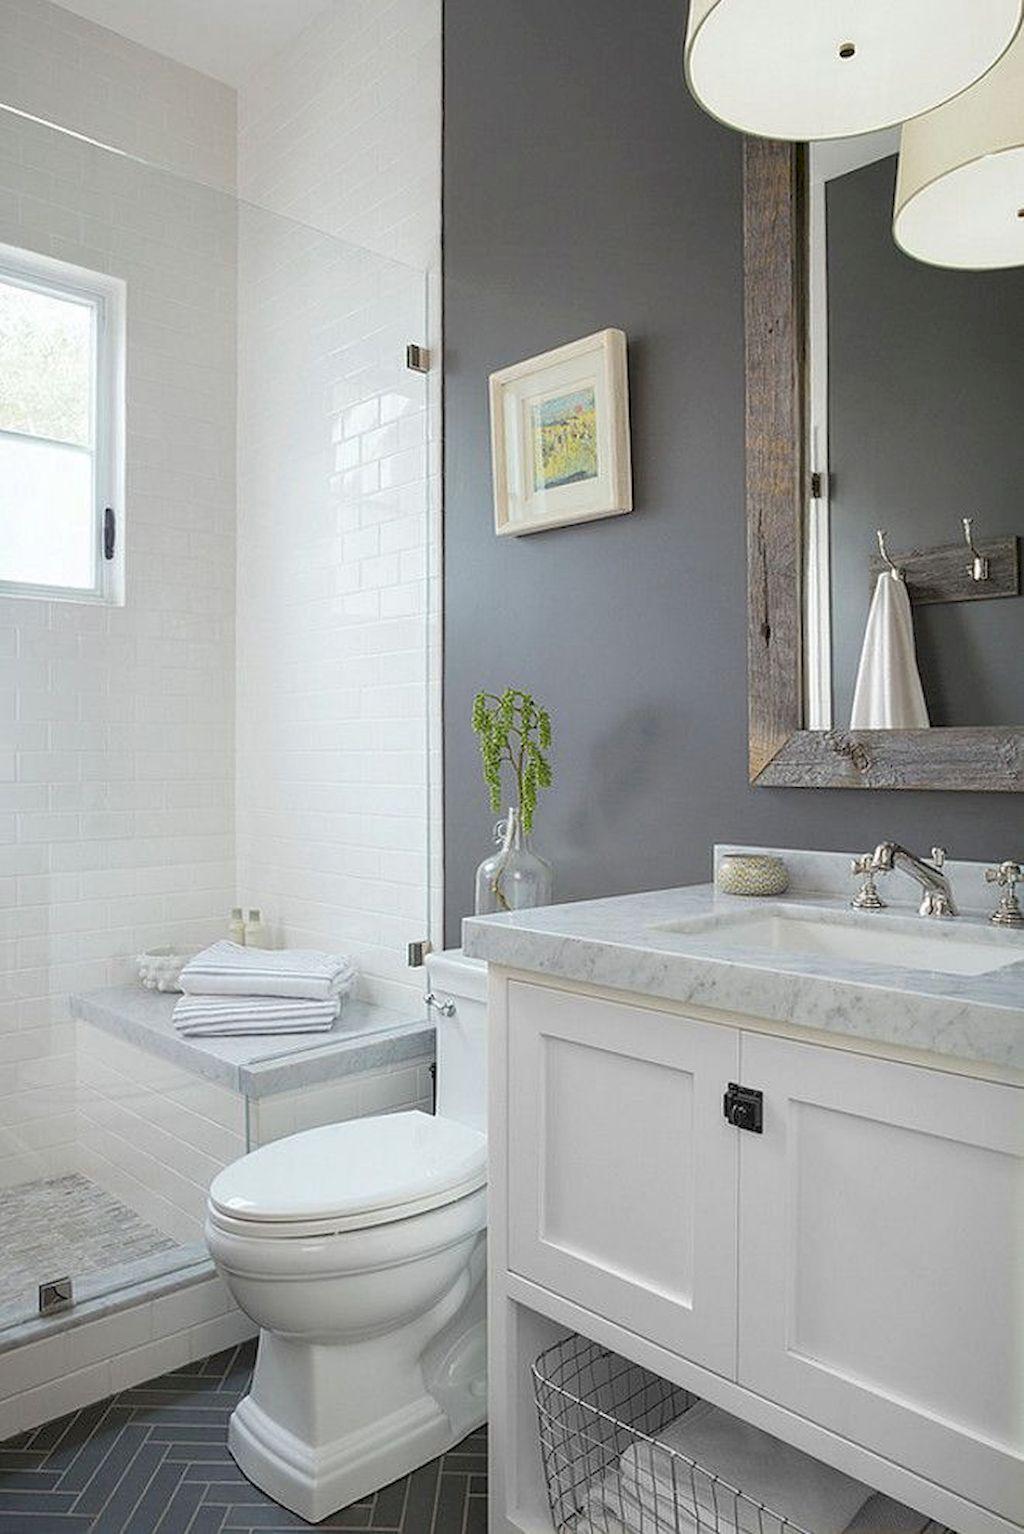 fresh small master bathroom remodel ideas on a budget 8 rh pinterest com